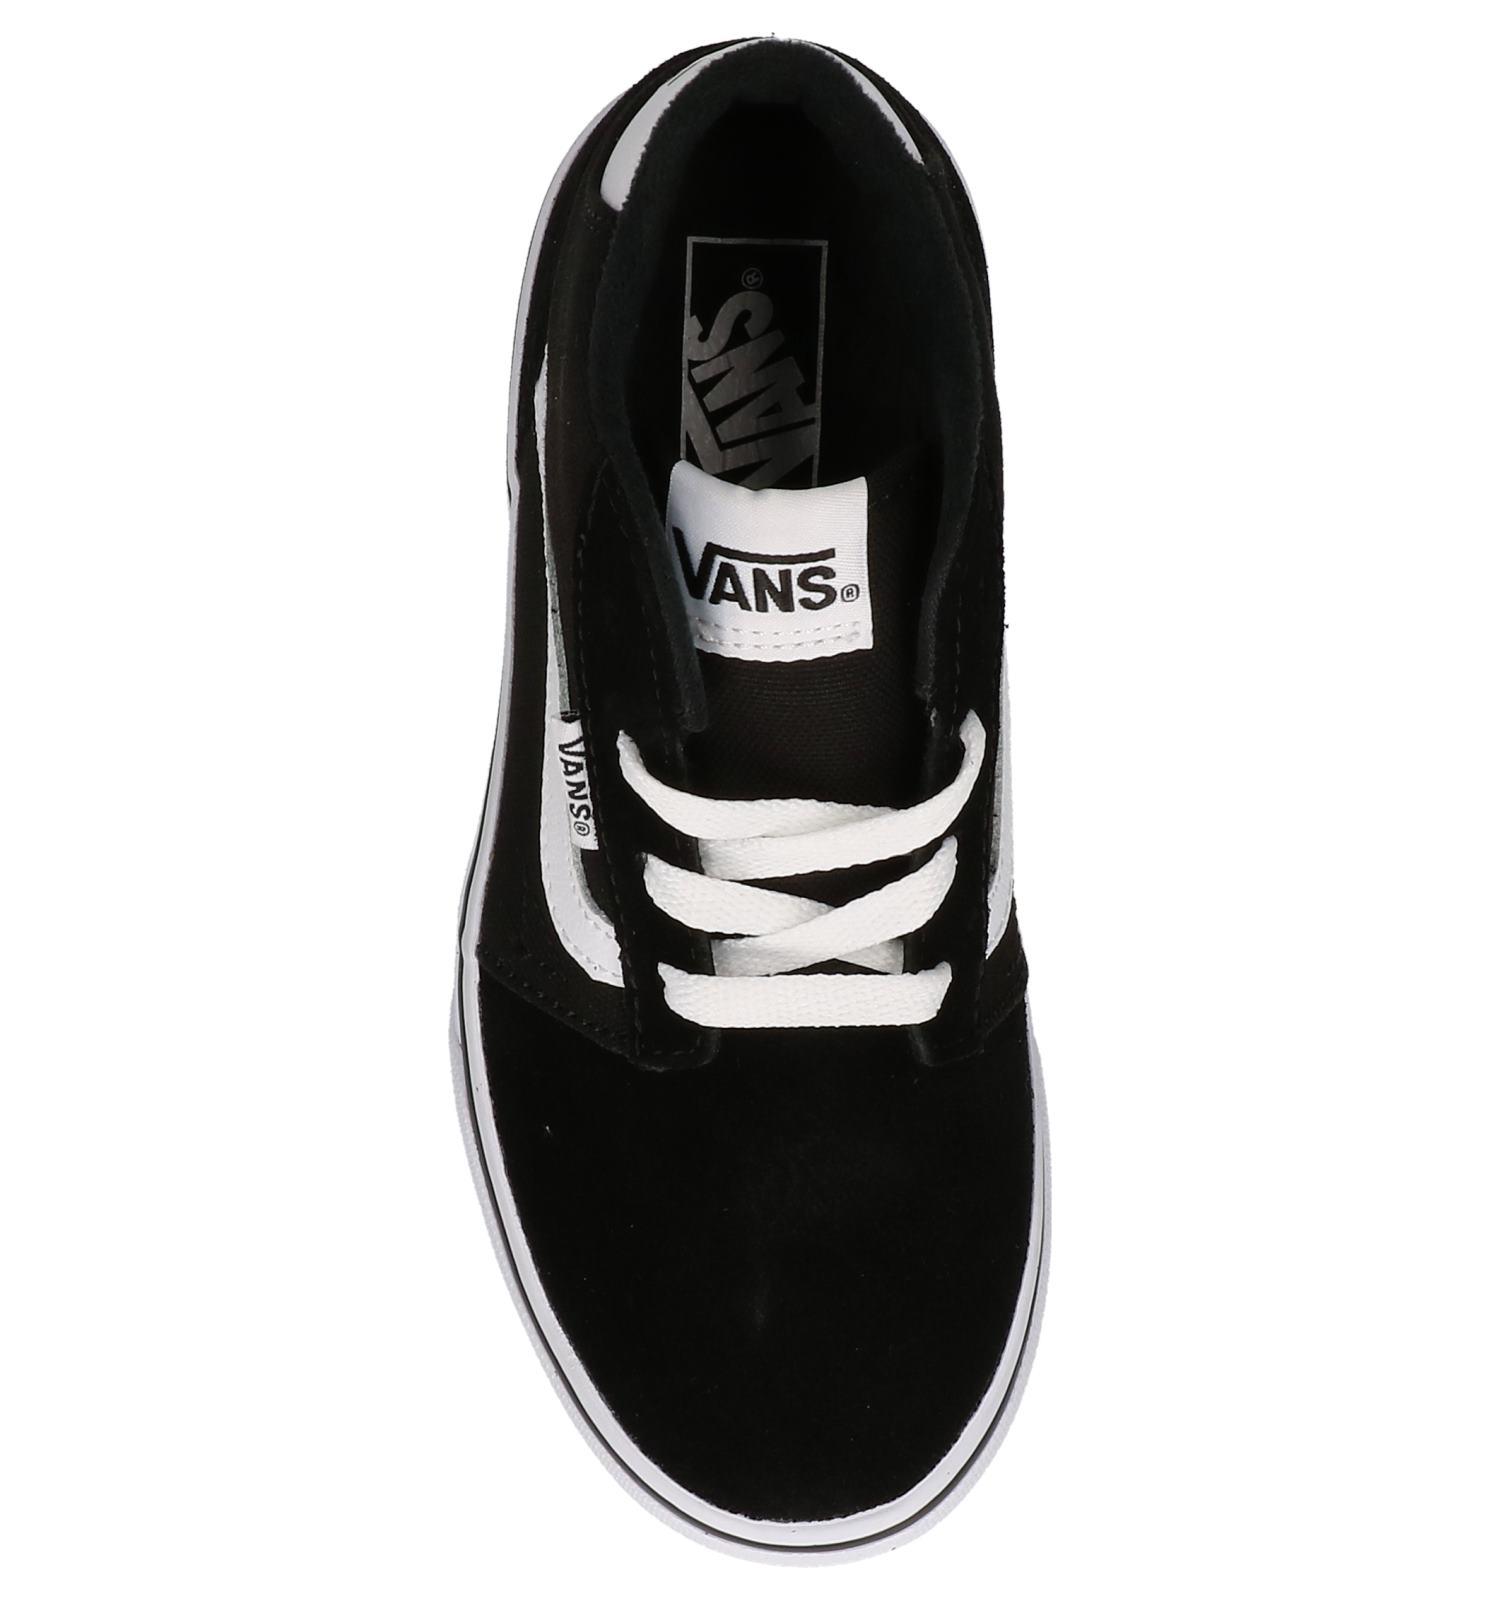 d6b86297244 Zwarte Vans Chapman Mid Skateschoenen | TORFS.BE | Gratis verzend en retour